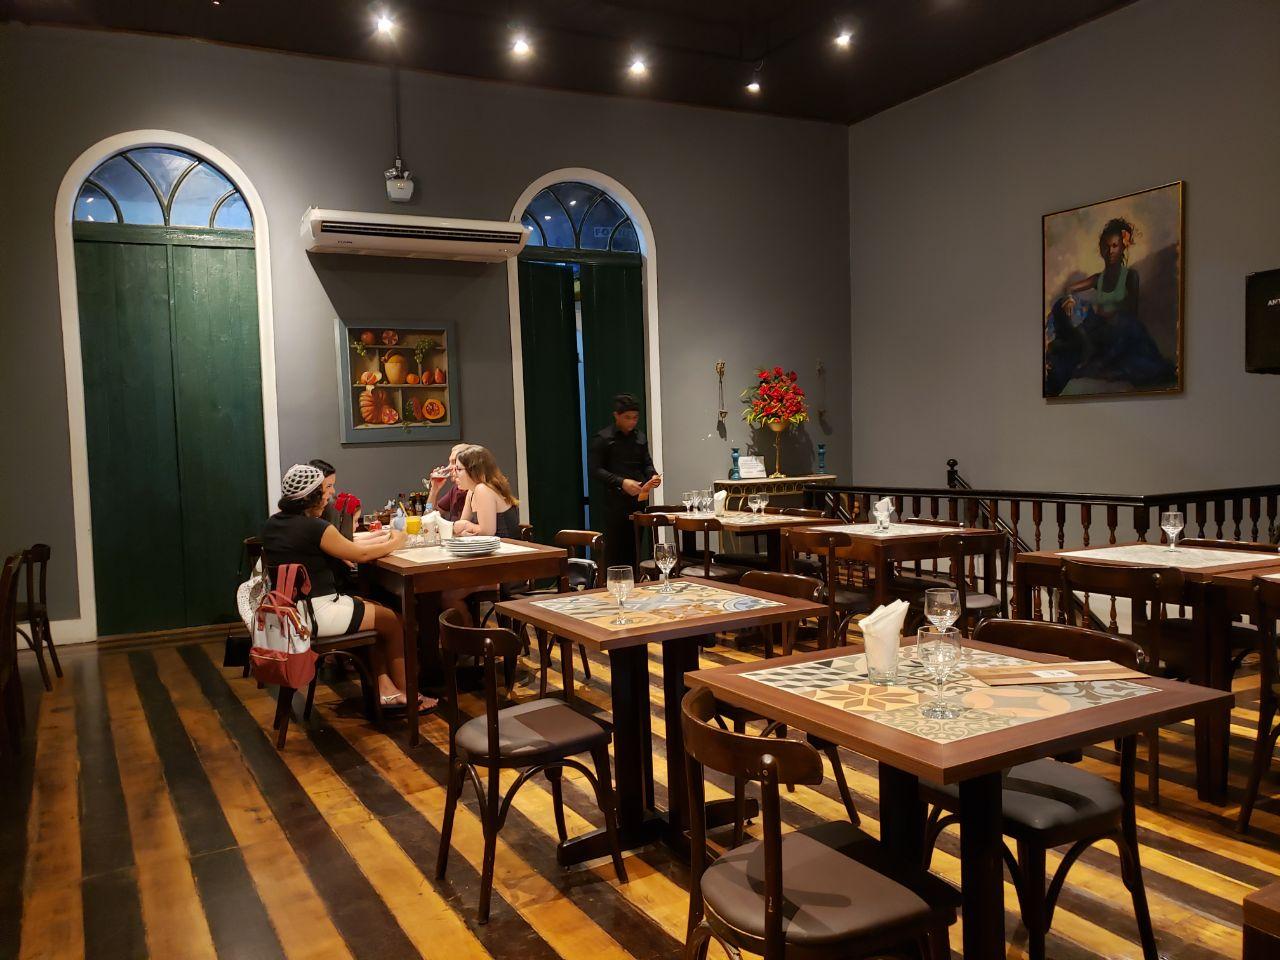 restaurante de comida típica flor-de-vinagreira